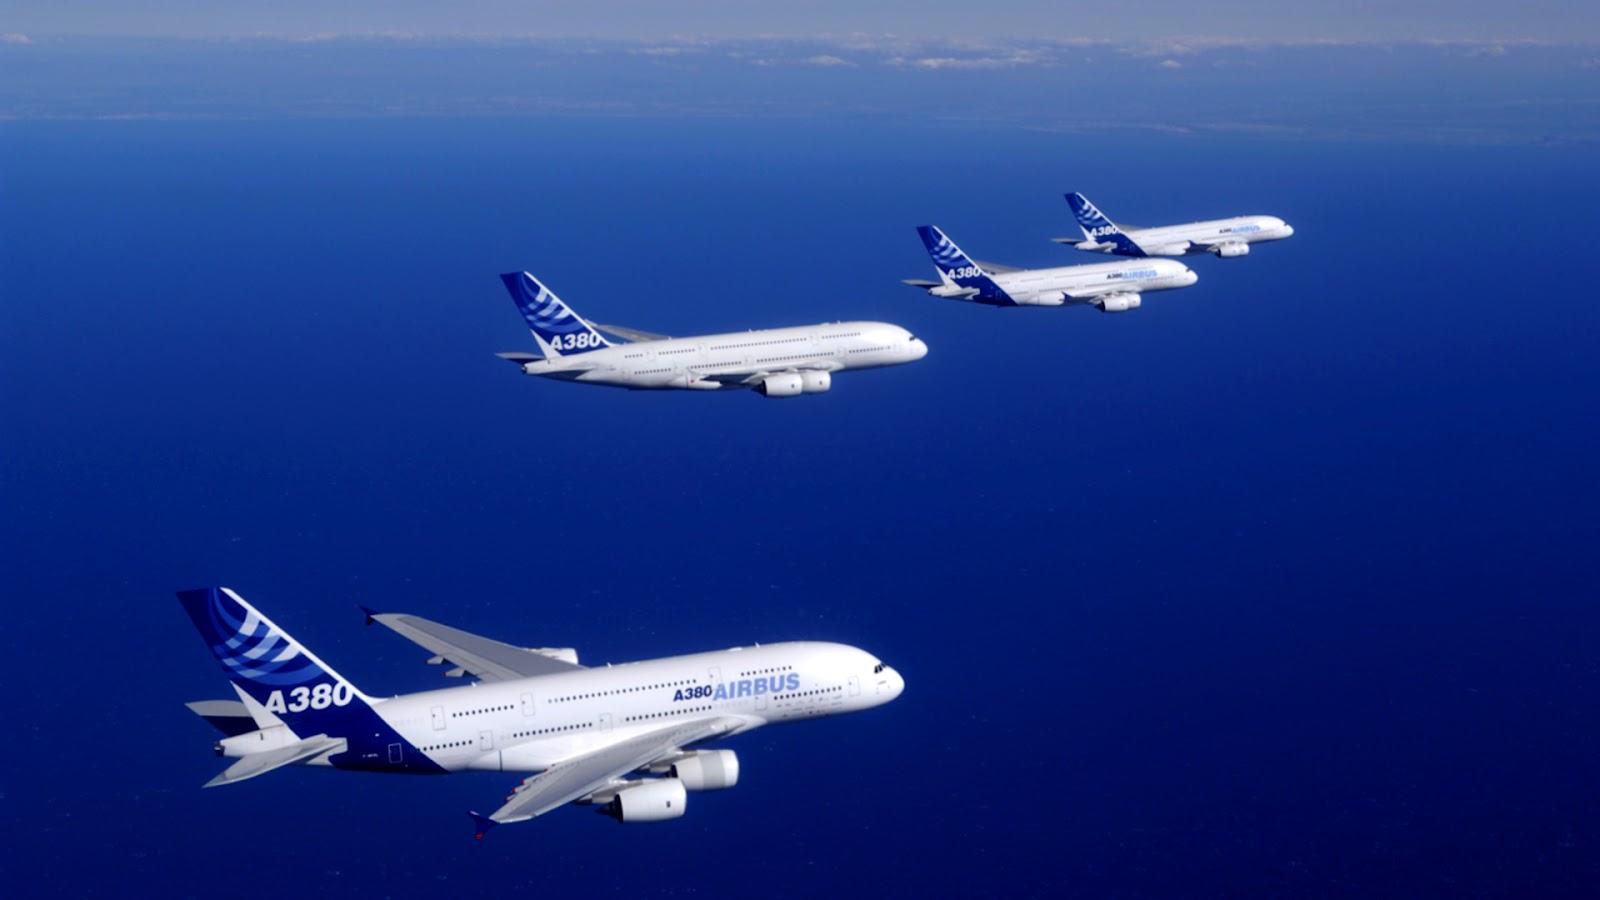 http://2.bp.blogspot.com/-pKSTfRaY1i4/TzeWZvrEv-I/AAAAAAAAAlw/gjick_qCMyA/s1600/Airbus_A380_Planes_on_Ocean_HD_Wallpaper-Vvallpaper.Net.jpg